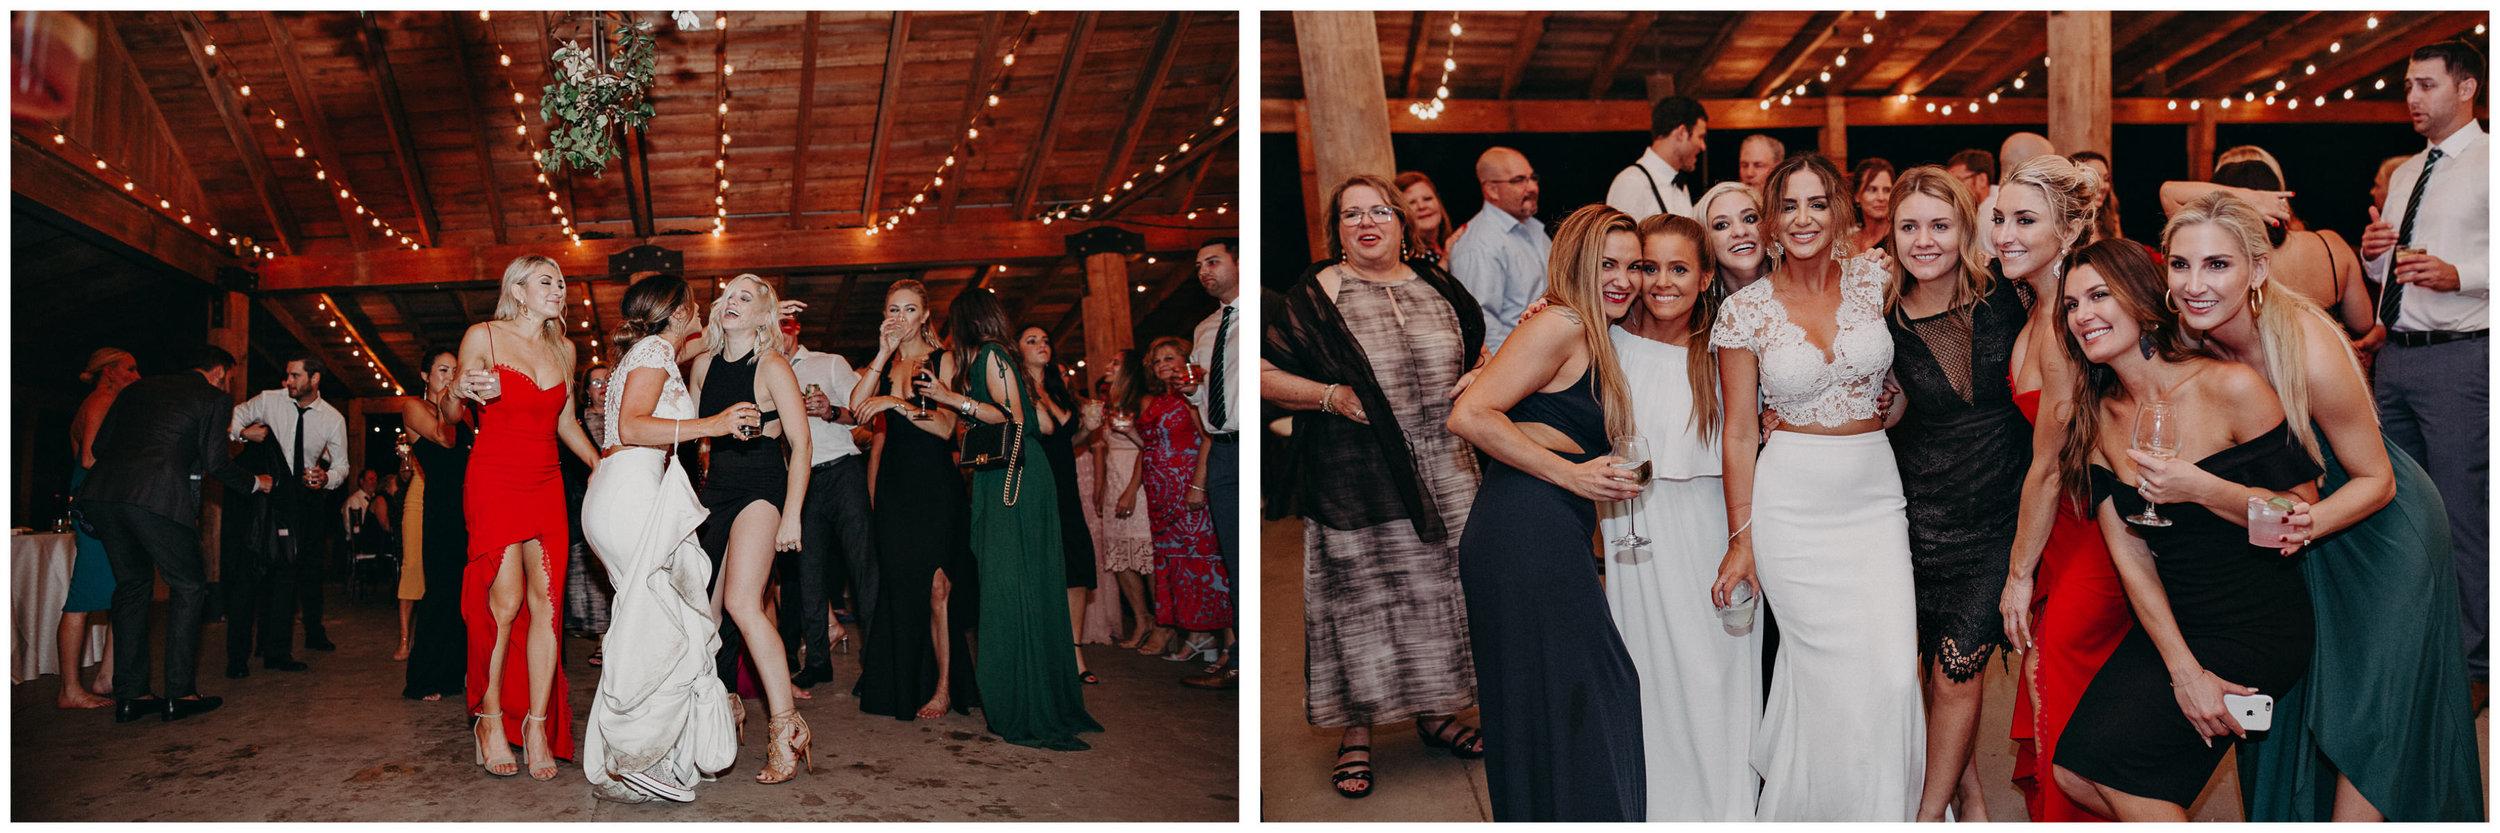 148 - Fun Wedding Reception, Bride in sneakers at serenbi farms atlanta .jpg